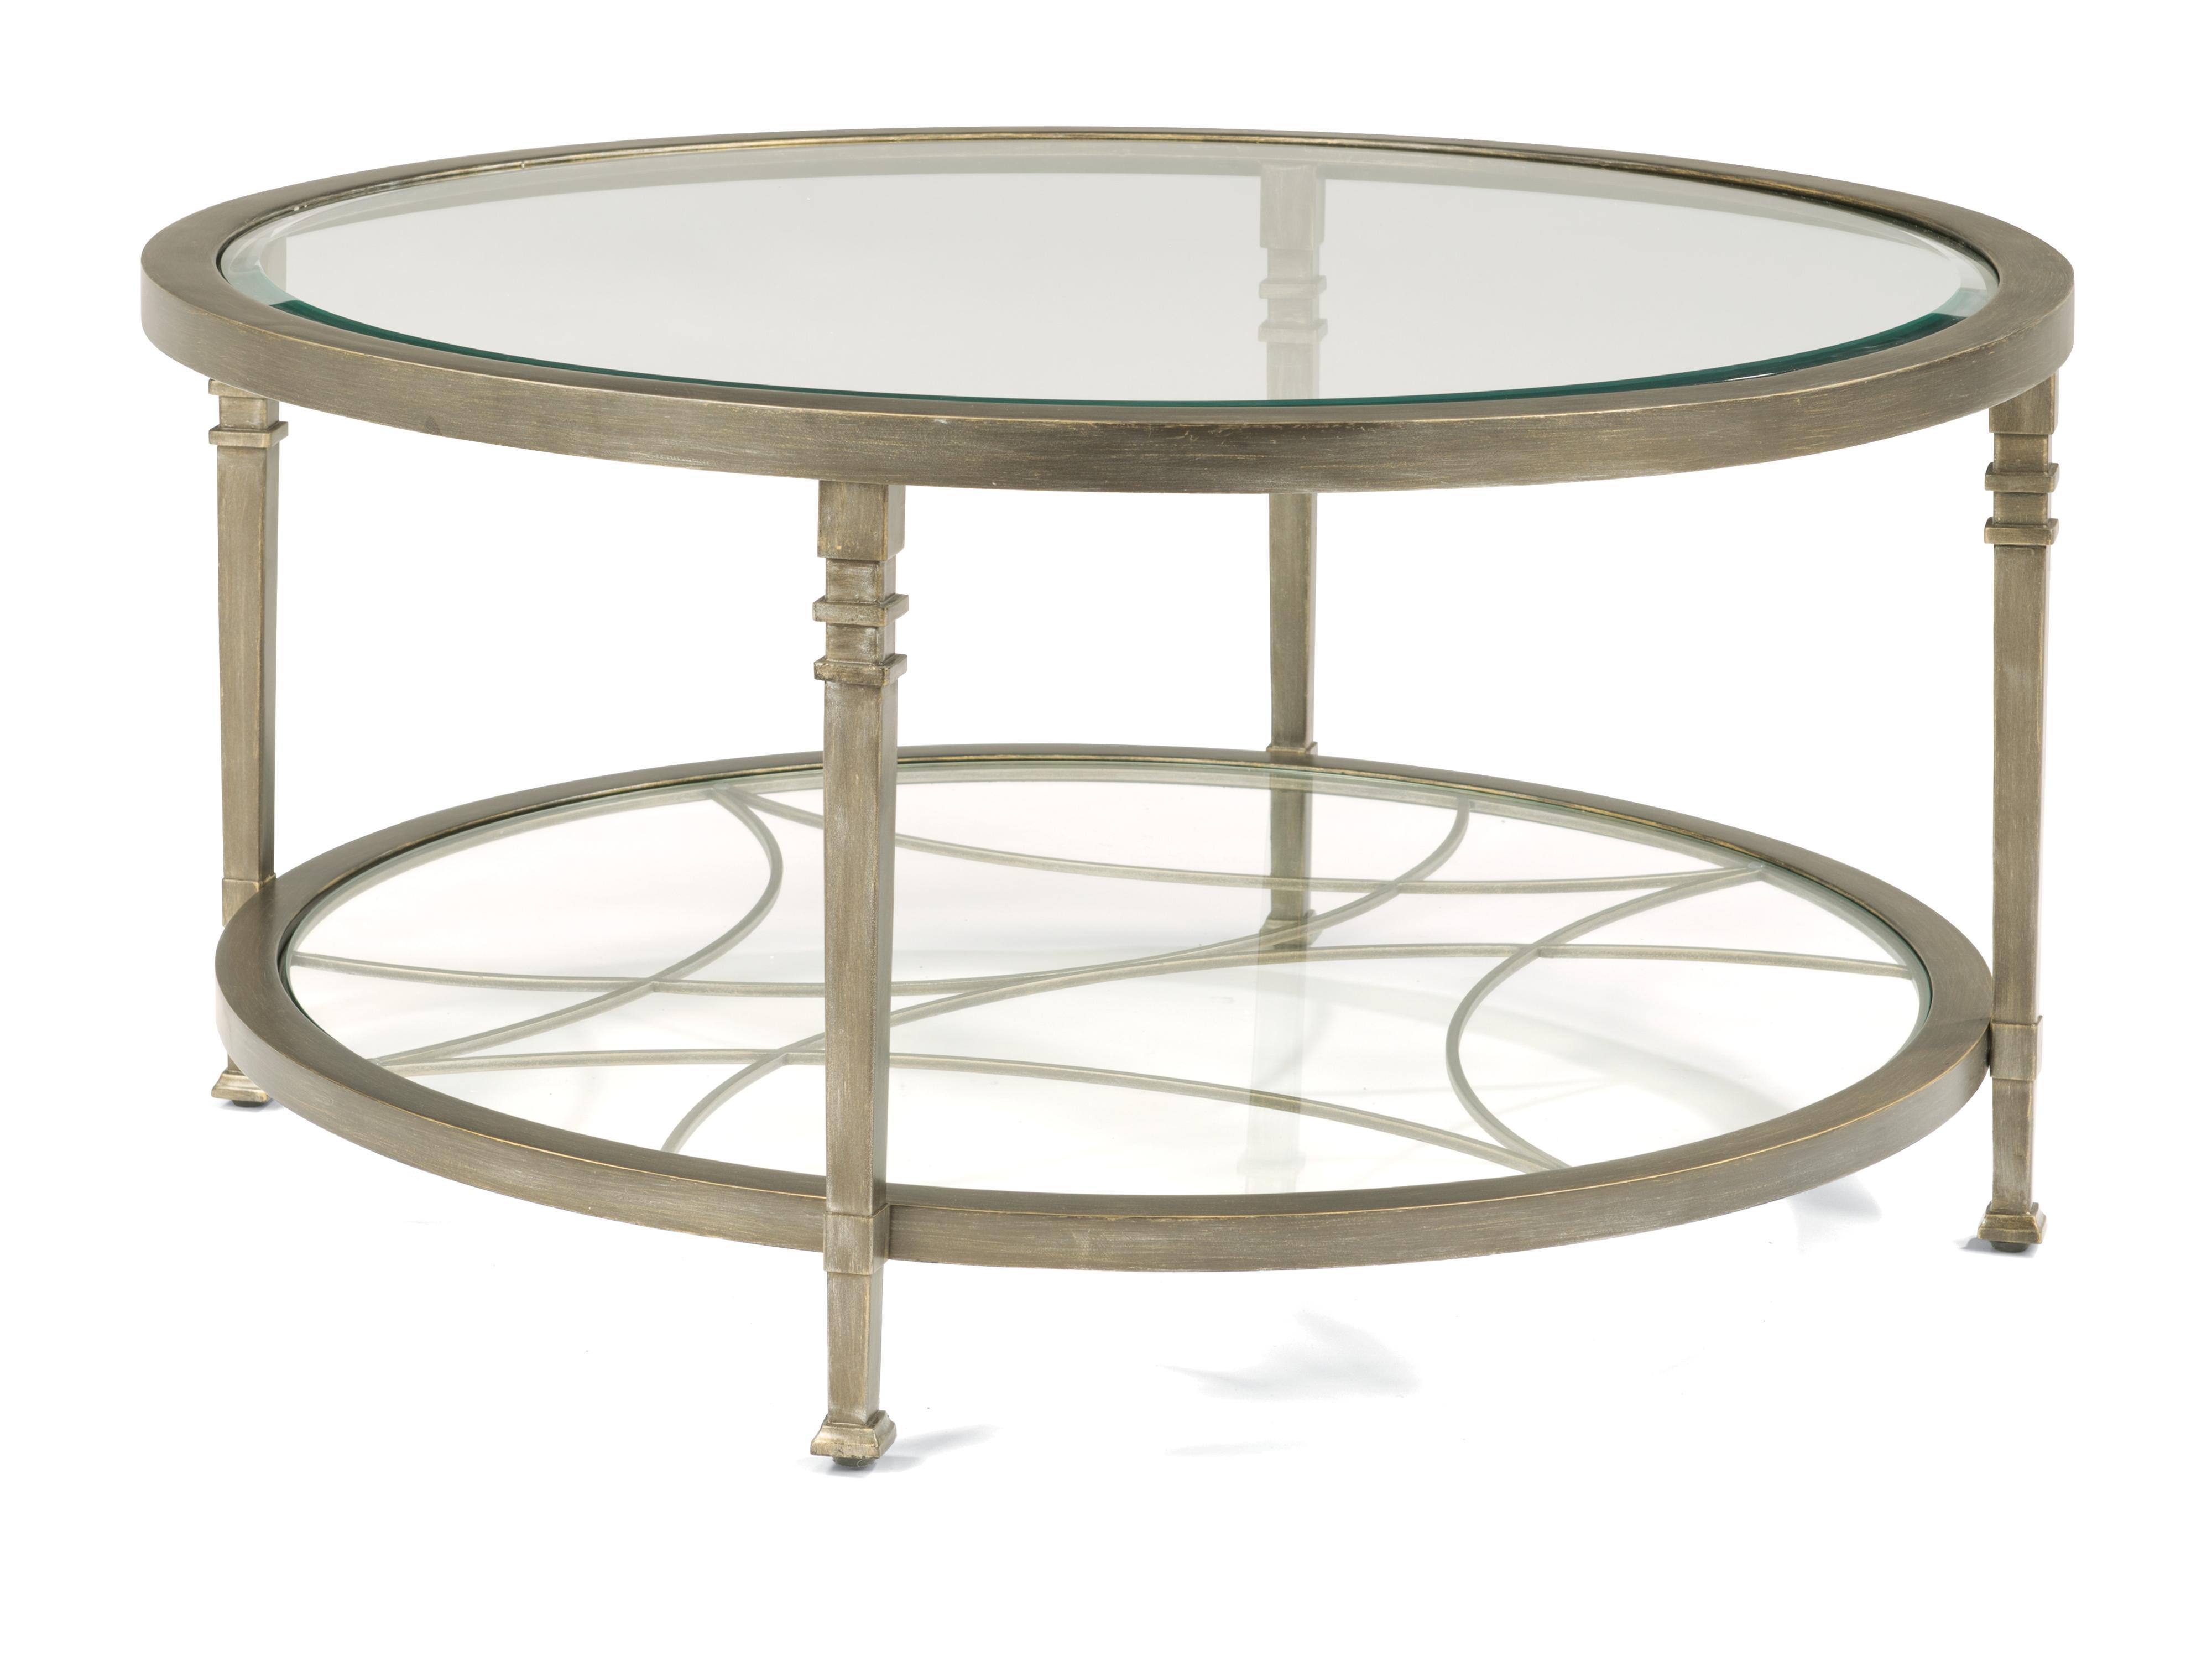 Flexsteel Atrium Round Cocktail Table - Item Number: 6725-034